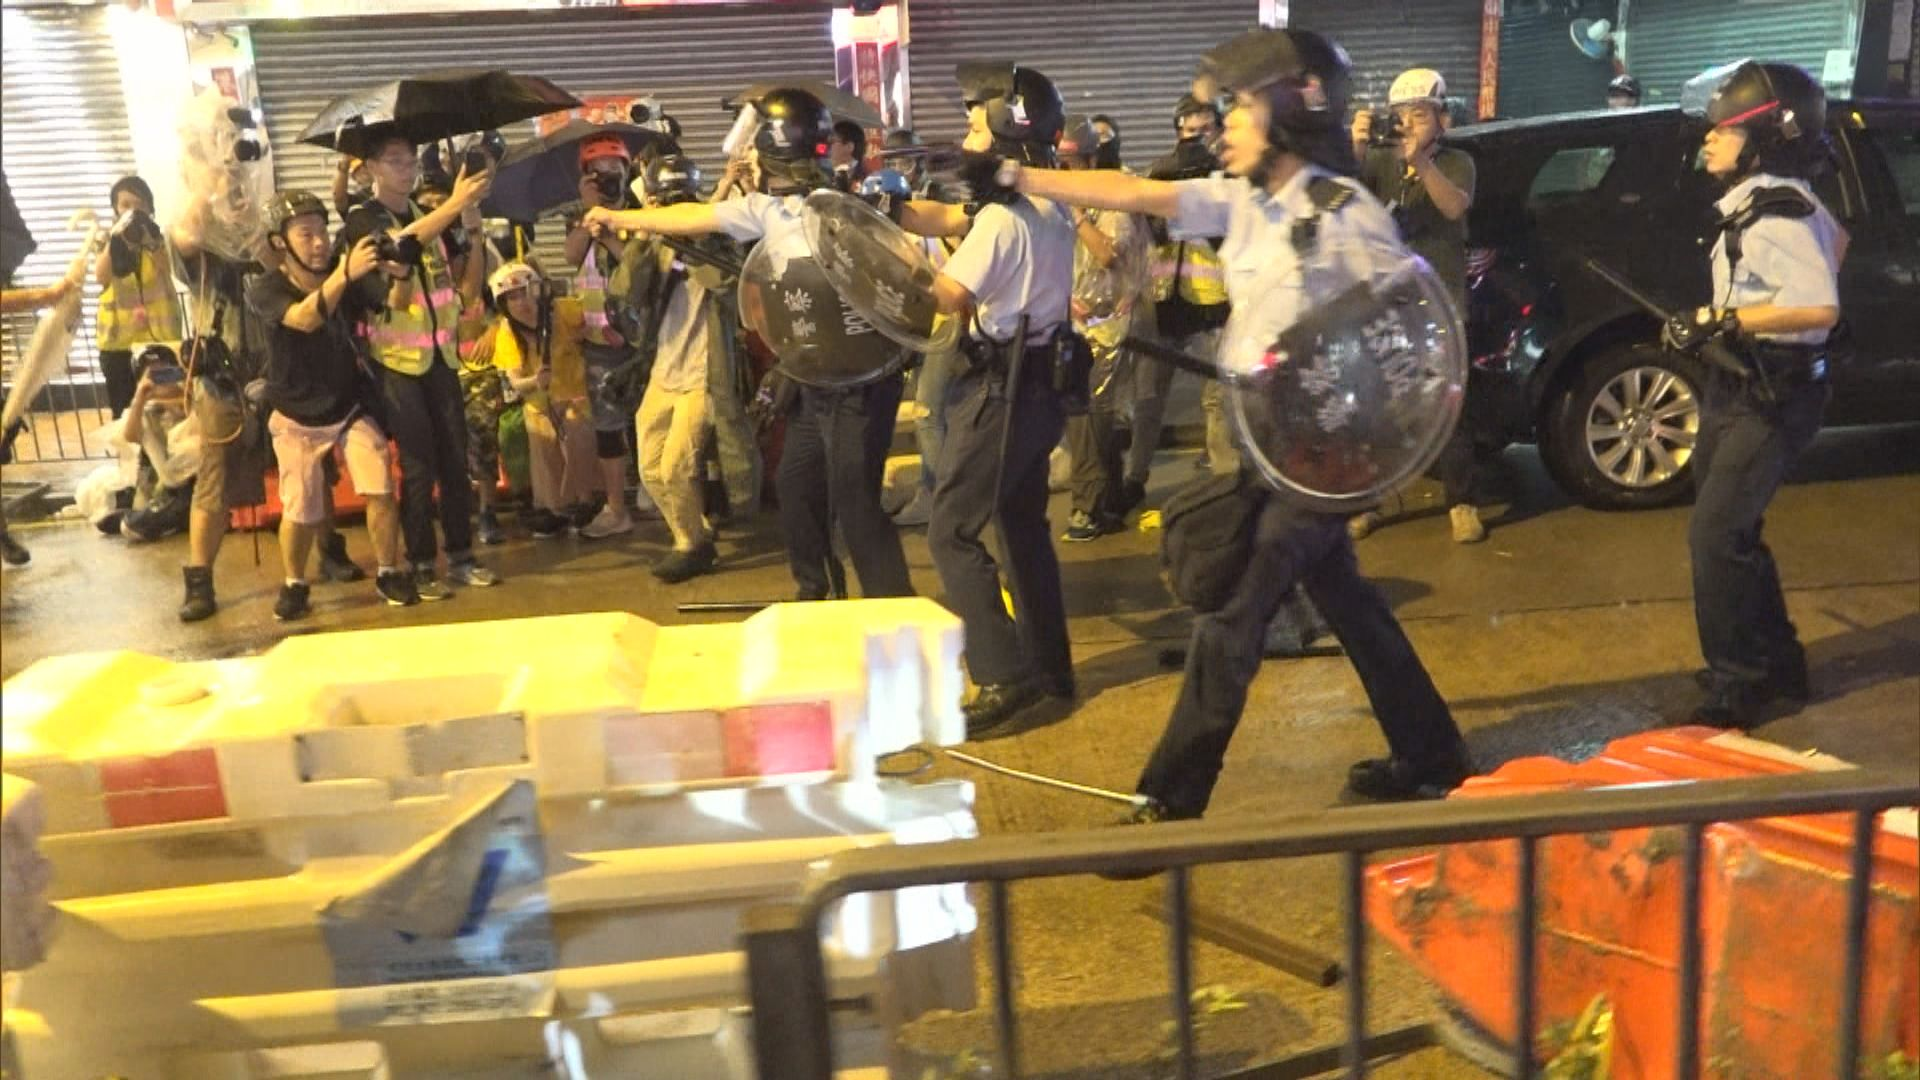 荃灣衝突警員向天開槍示警 全日36人被捕15警傷